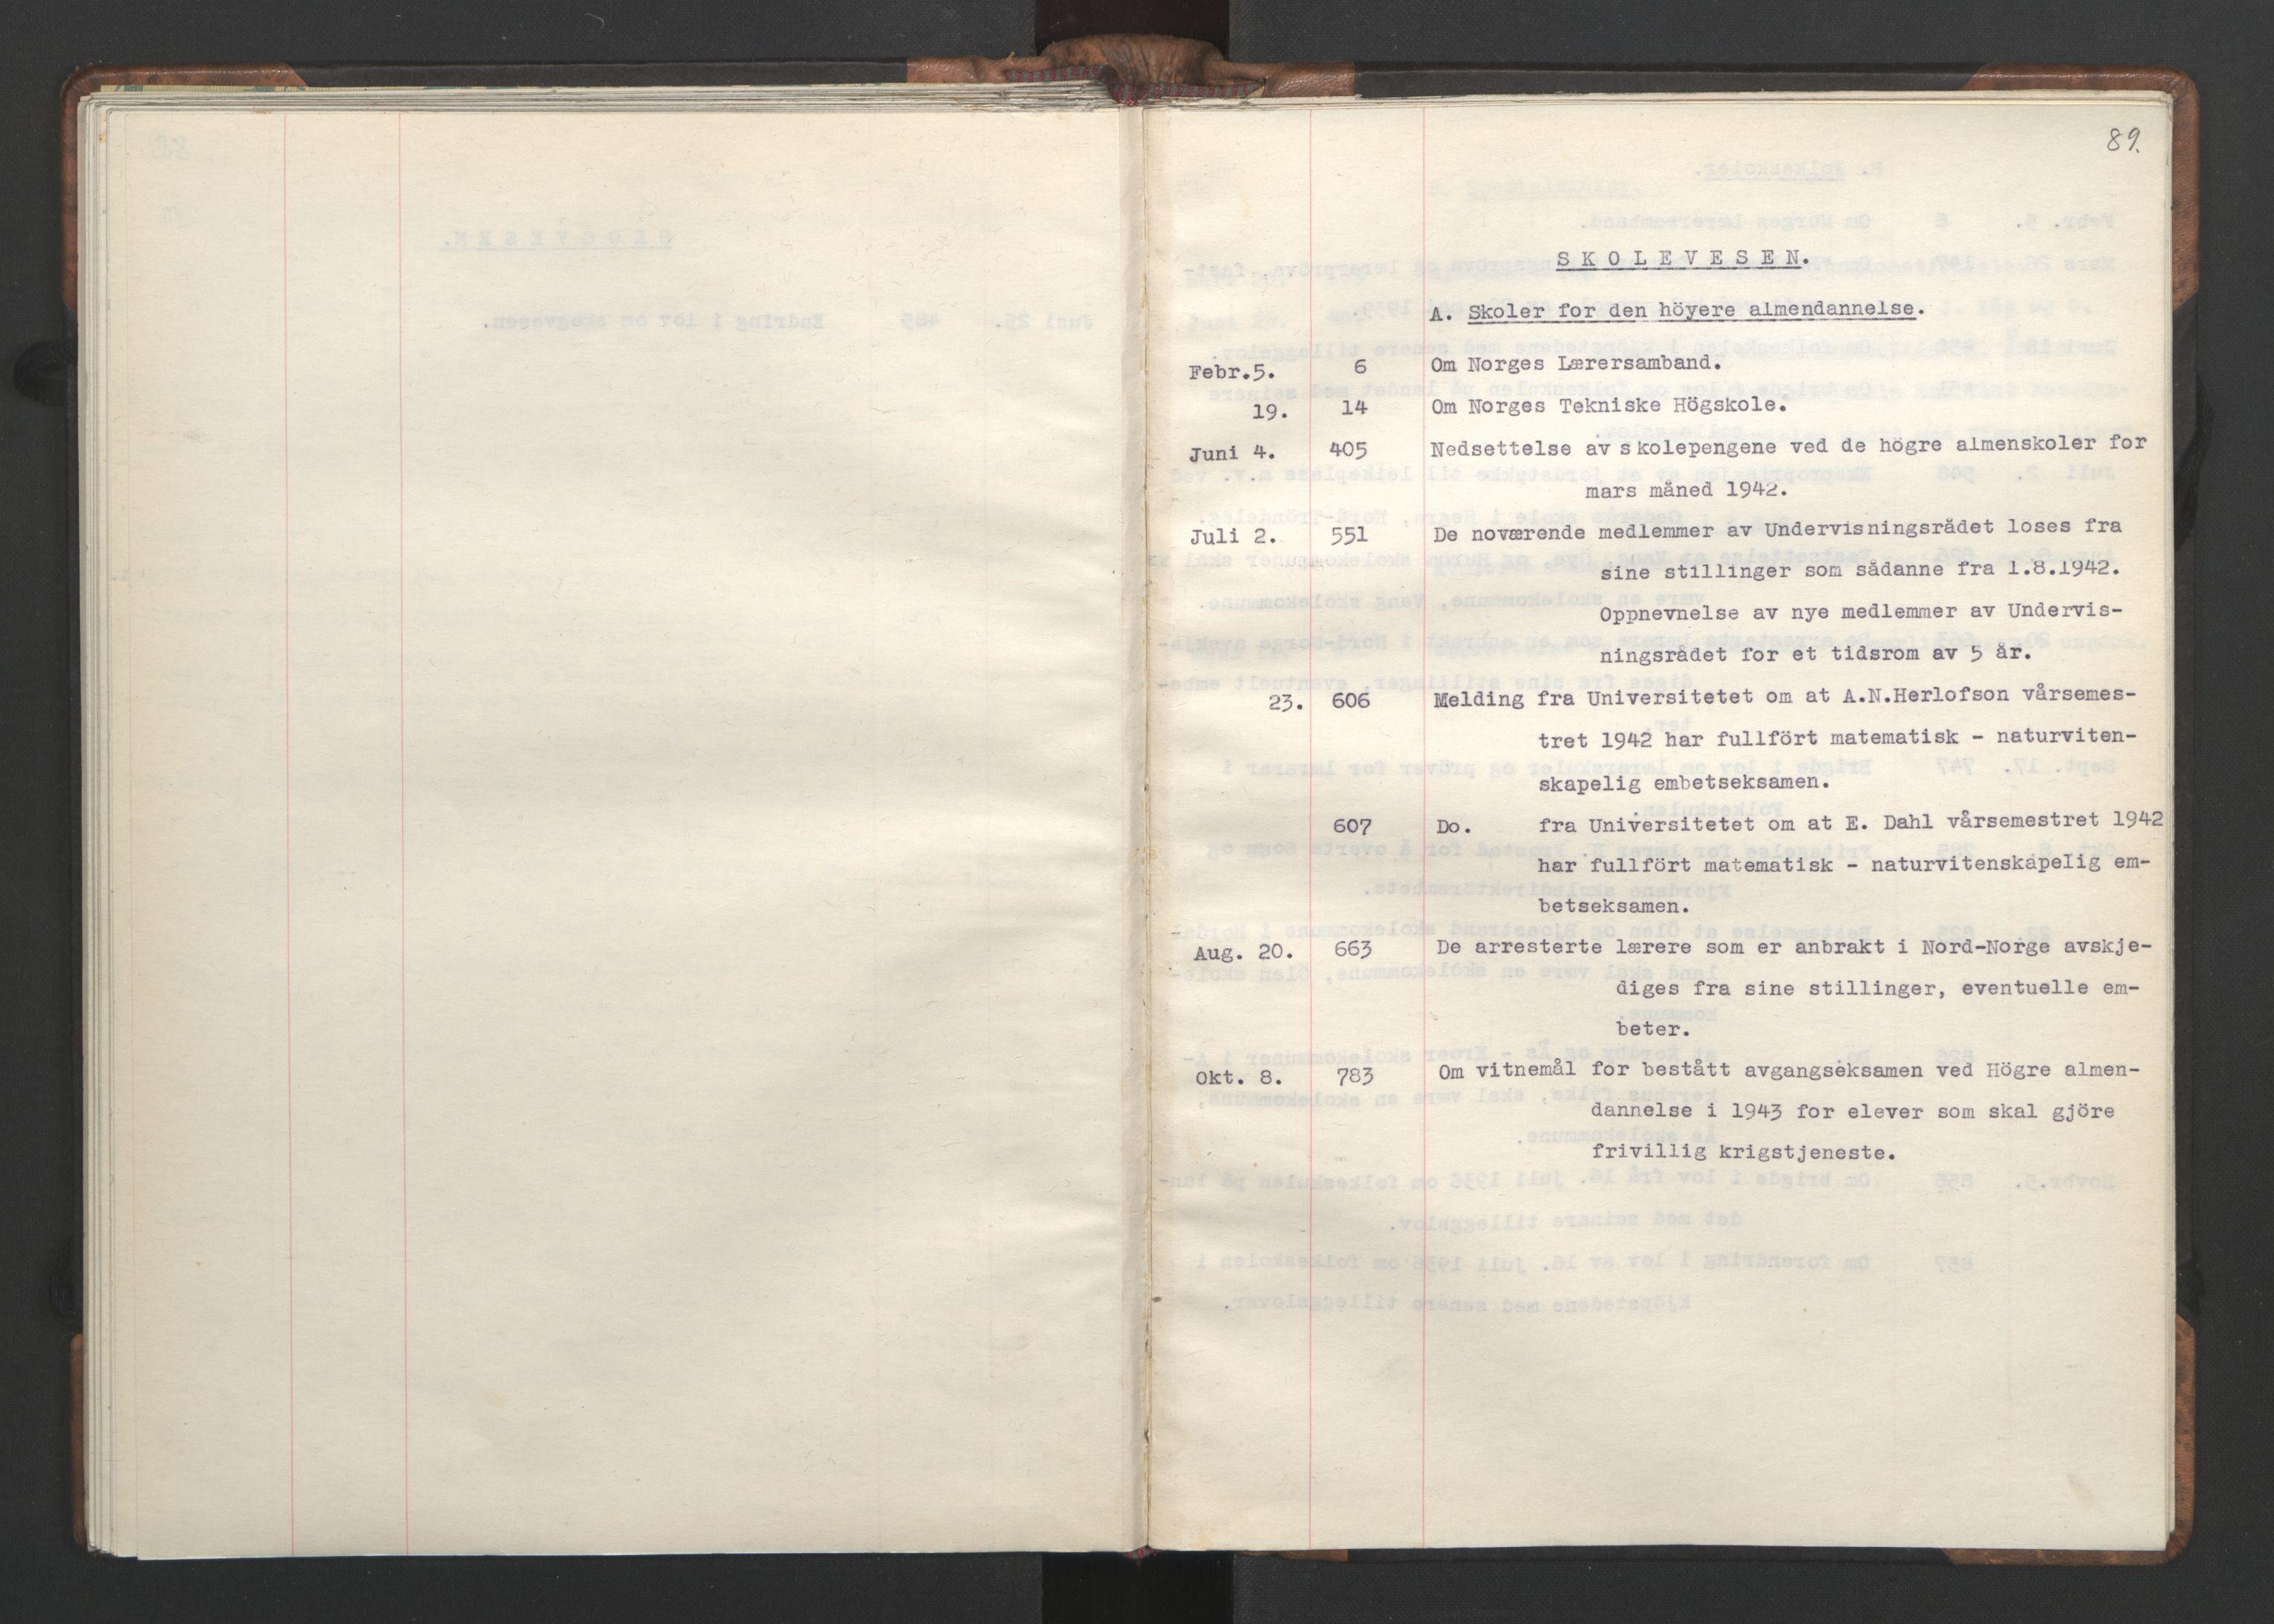 RA, NS-administrasjonen 1940-1945 (Statsrådsekretariatet, de kommisariske statsråder mm), D/Da/L0002: Register (RA j.nr. 985/1943, tilgangsnr. 17/1943), 1942, s. 88b-89a